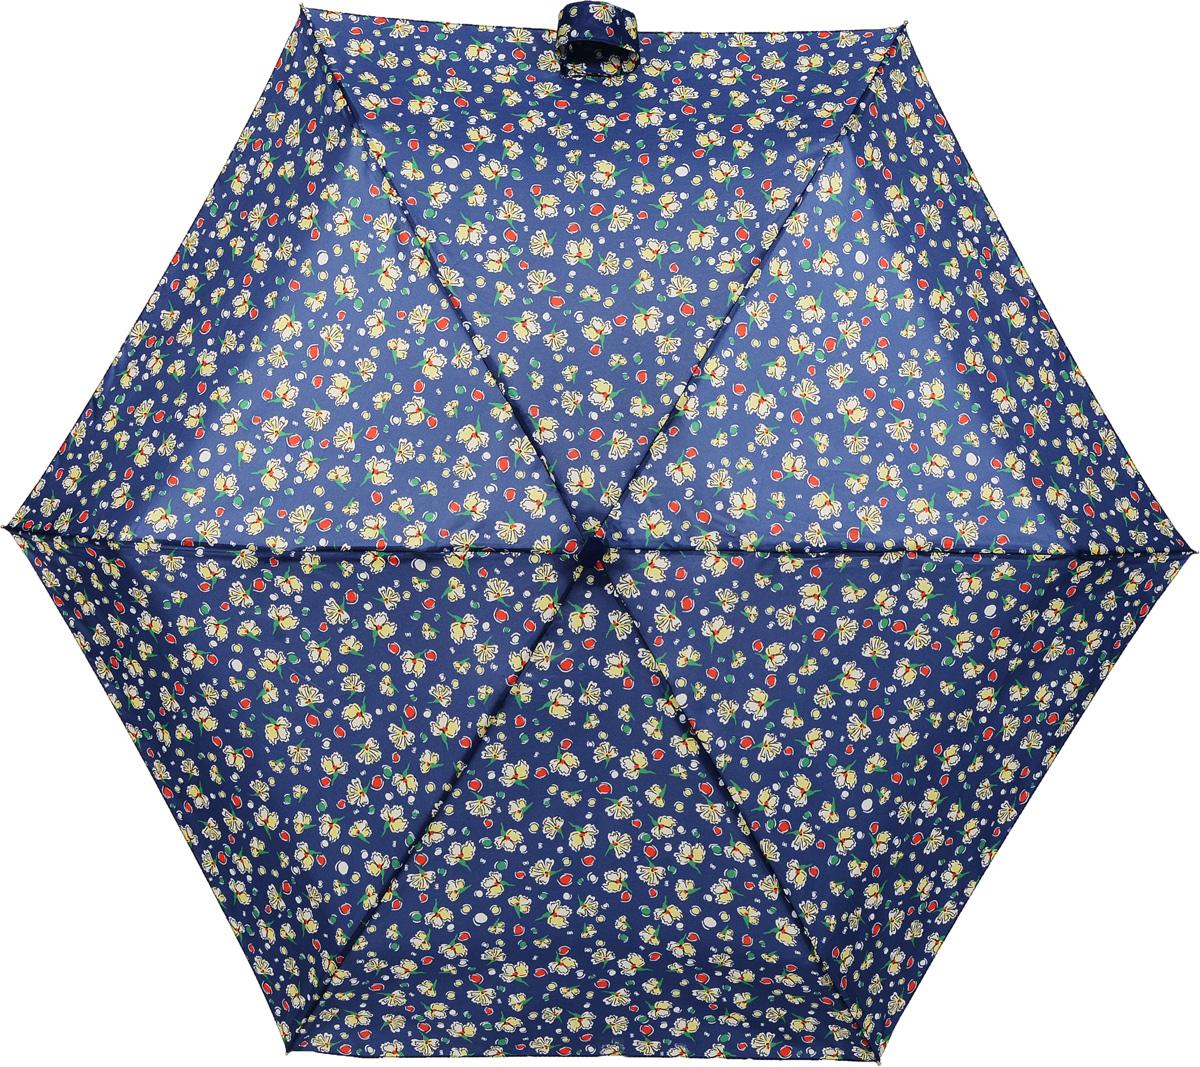 Зонт женский механика Fulton, расцветка: лютик. L501-3155 Buttercup121206 FJПрочный, необыкновенно компактный зонт, который с легкостью поместится в маленькую сумочку. Удобный плоский чехол. Облегченный алюминиевый каркас с элементами из фибергласса.Ветроустойчивая конструкция. Размеры зонта в сложенном виде 15смх6смх3см, диаметр купола 87 см.